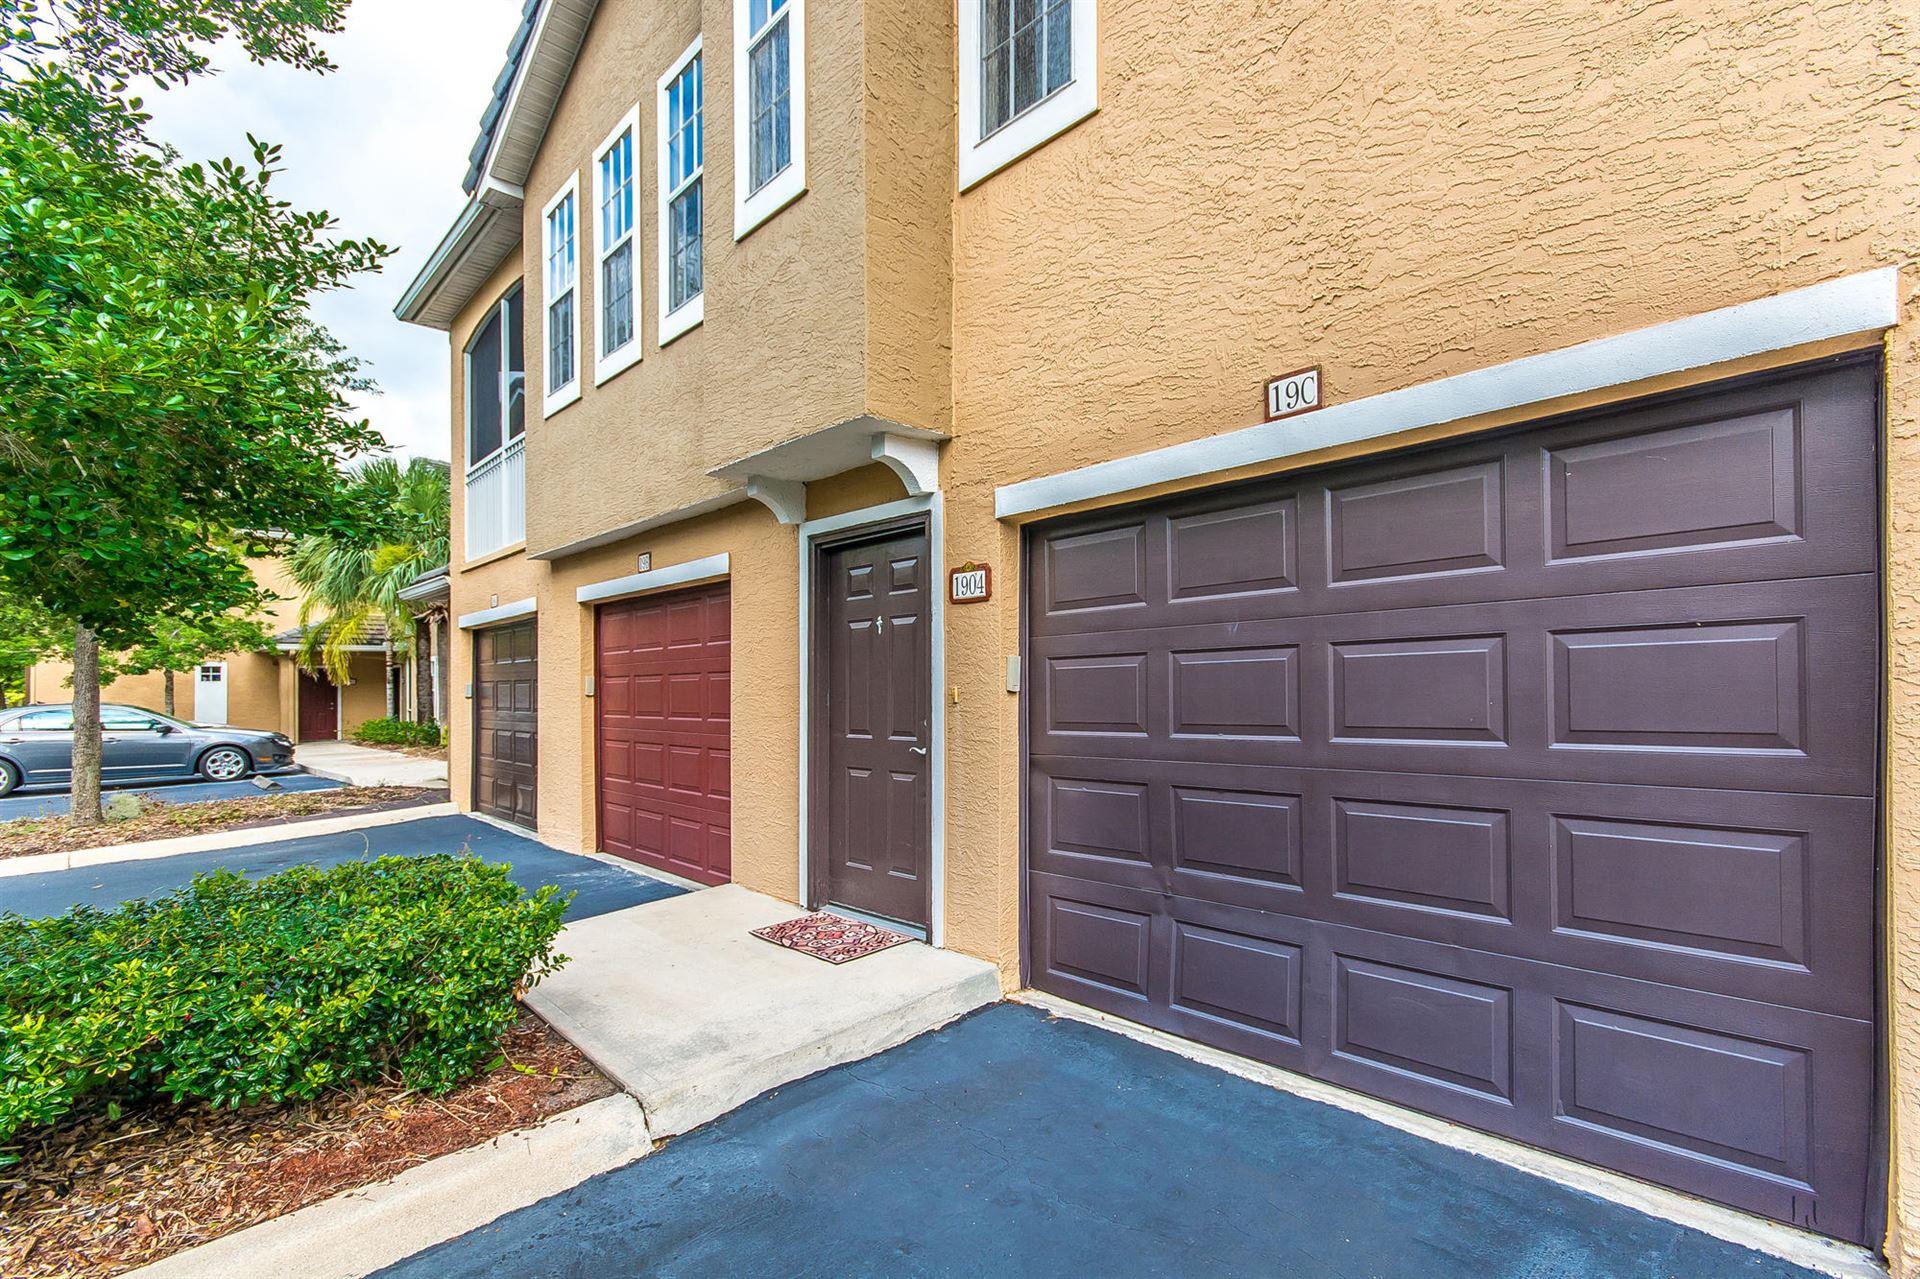 Photo of 10075 GATE PKWY N, JACKSONVILLE, FL 32246 (MLS # 1108953)